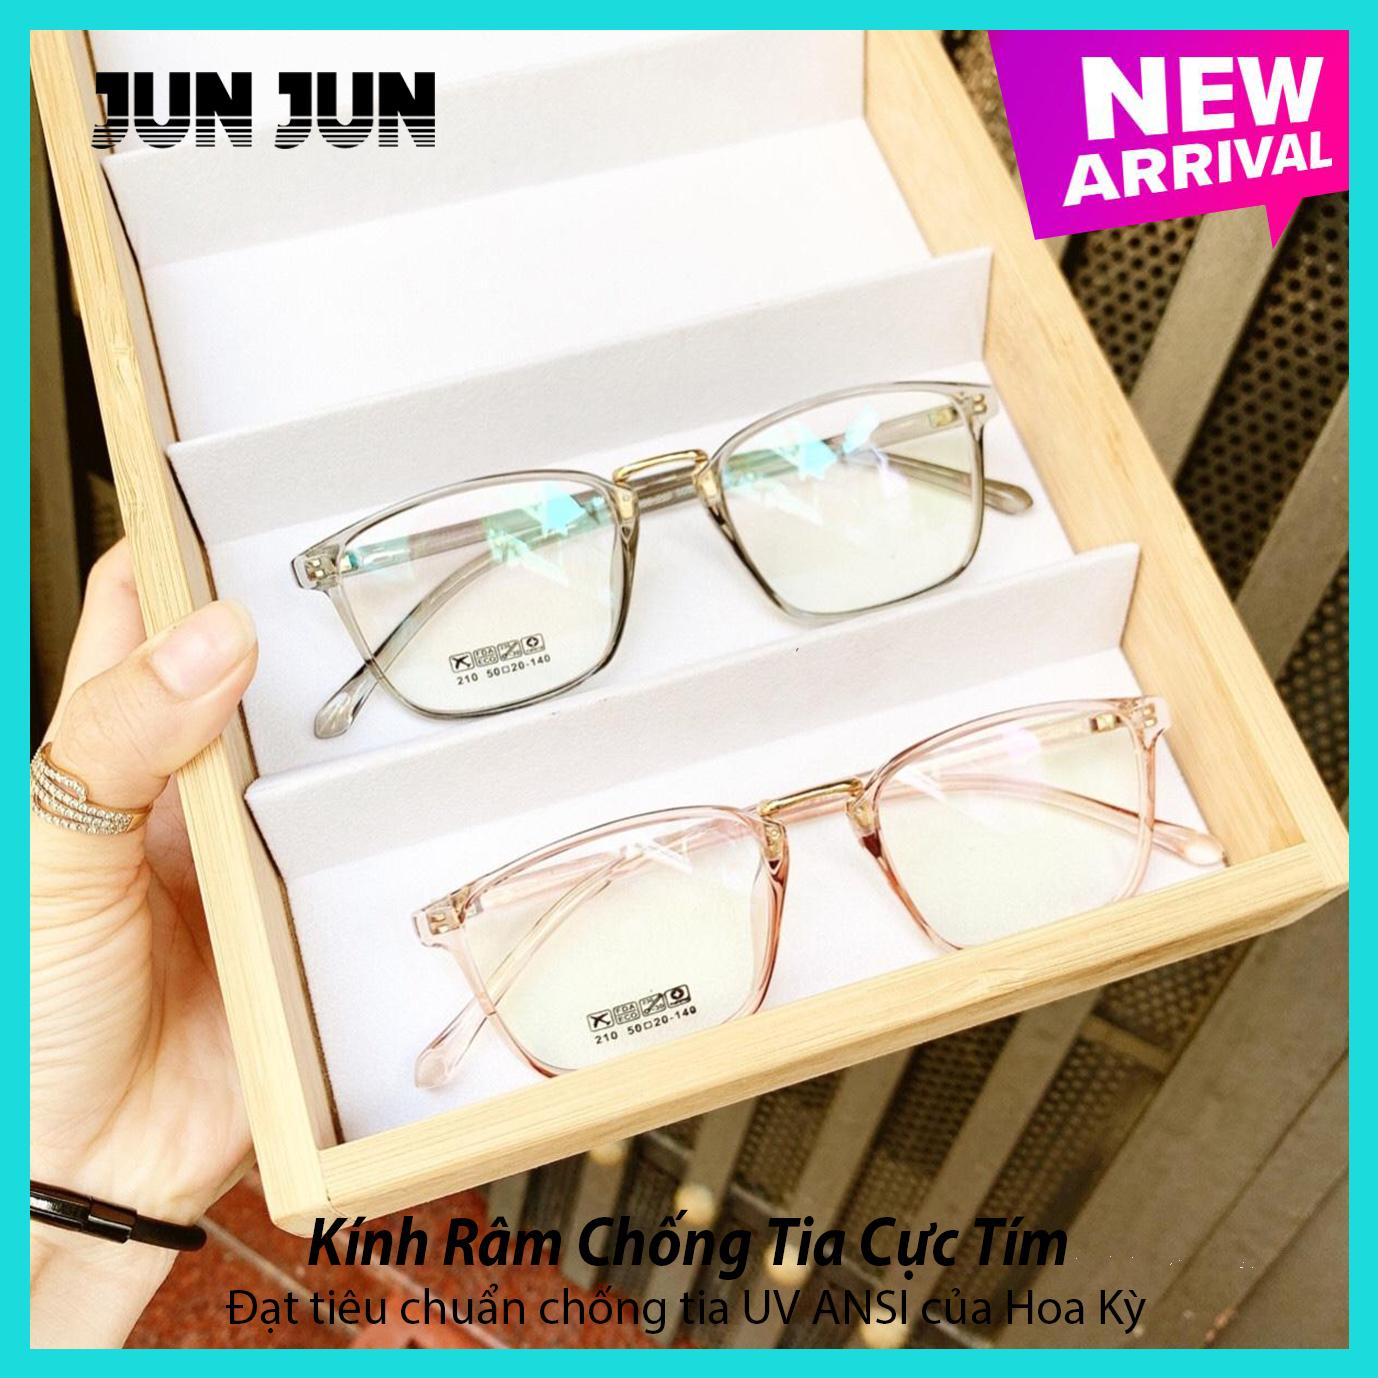 Gọng kính cận không độ Hàn Quốc cao cấp JJ210 - Mắt kính giả cận gọng dẻo dành cho cả...